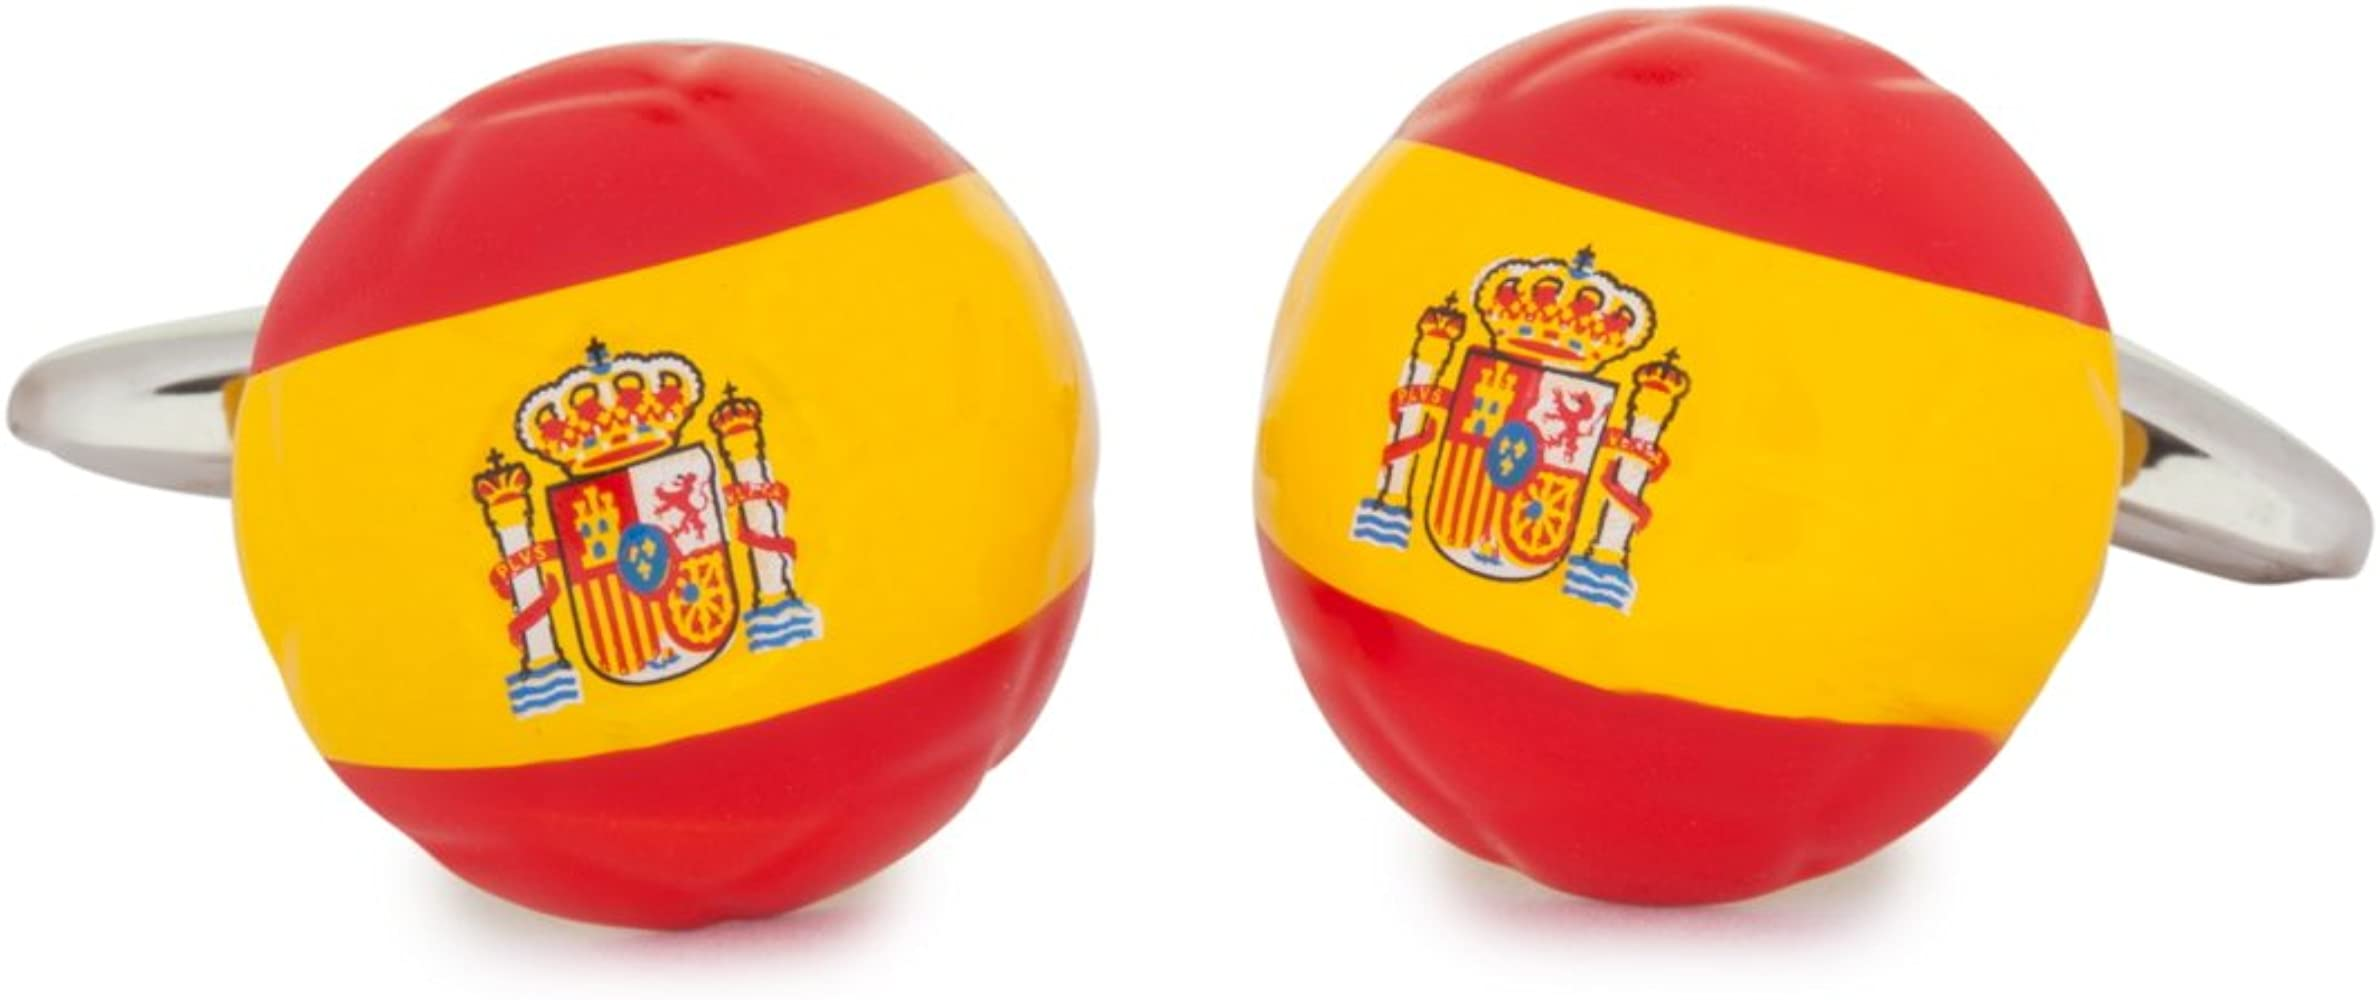 SoloGemelos - Gemelos Balon Futbol Bandera España - Rojo, Amarillo ...